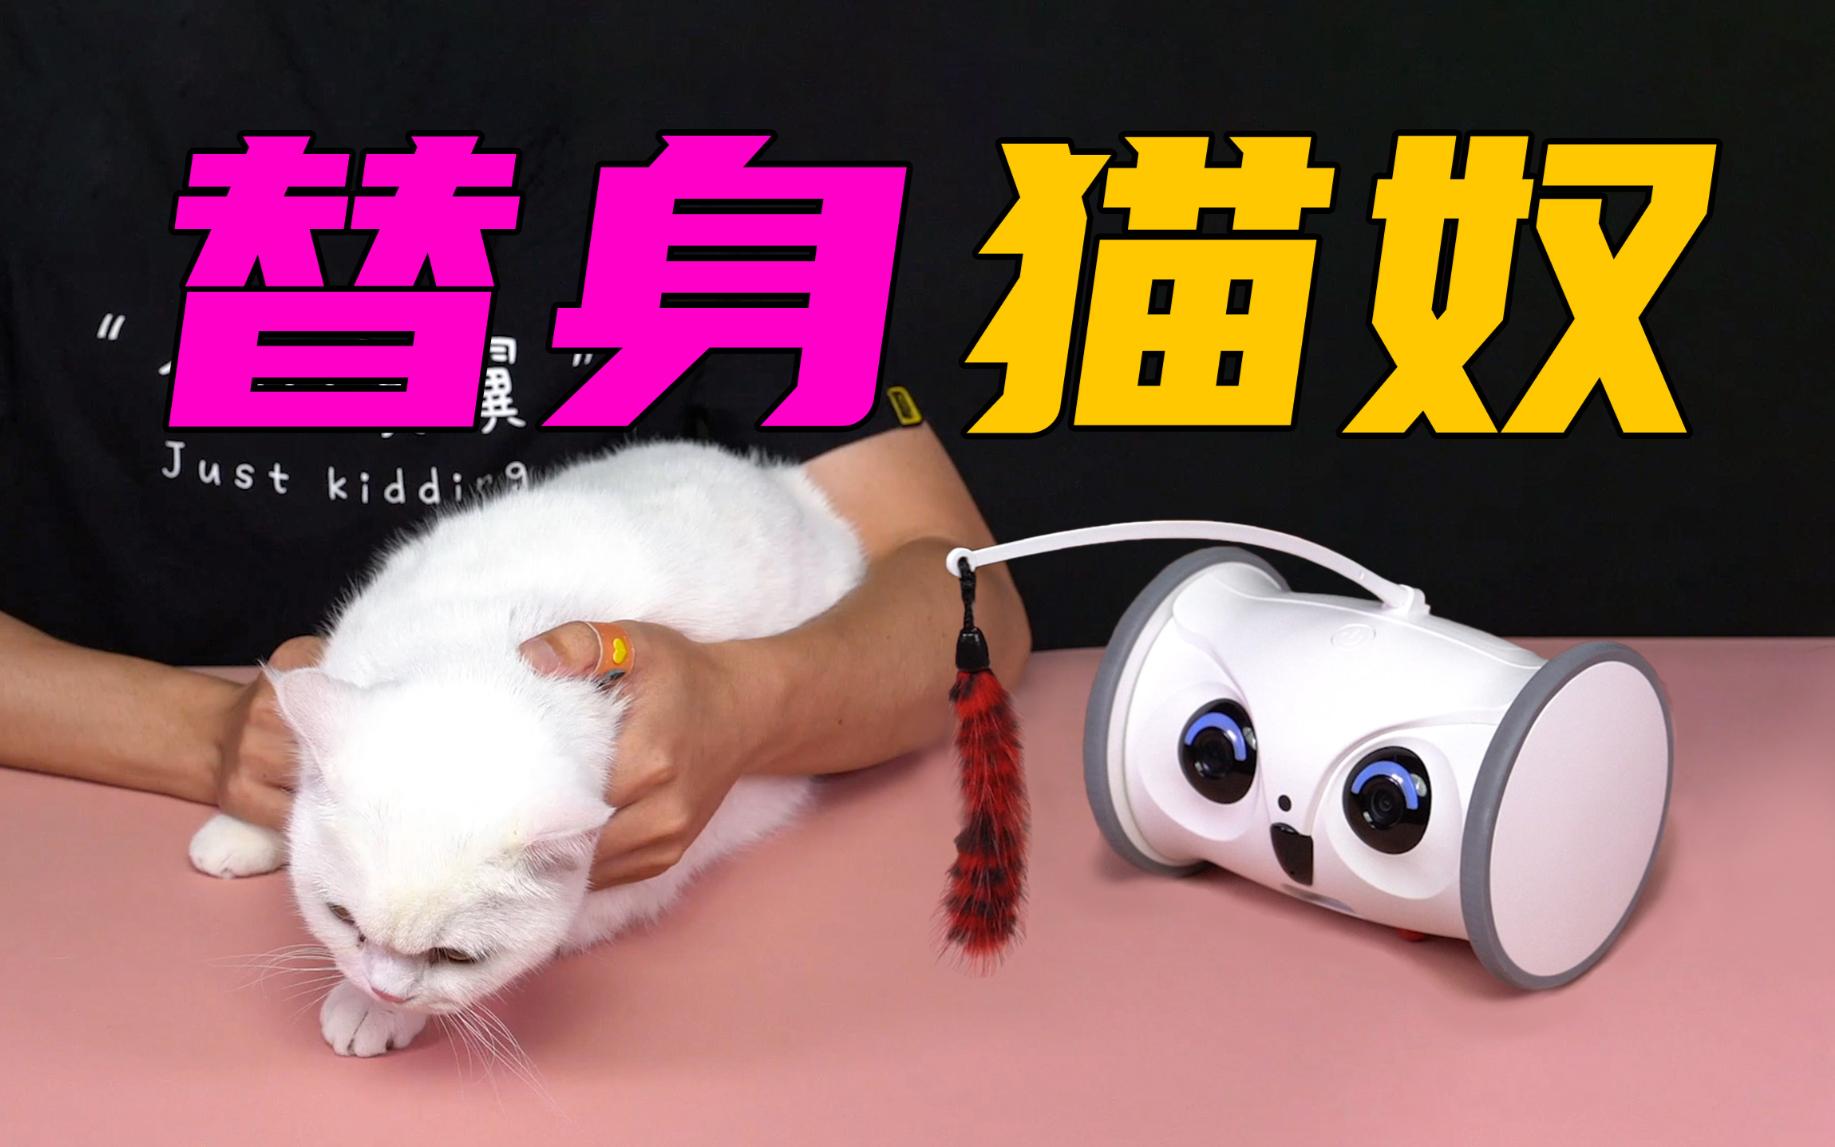 【无聊的开箱】智能替身猫奴机器人?这下去电子厂打工不用担心宠物没人陪了